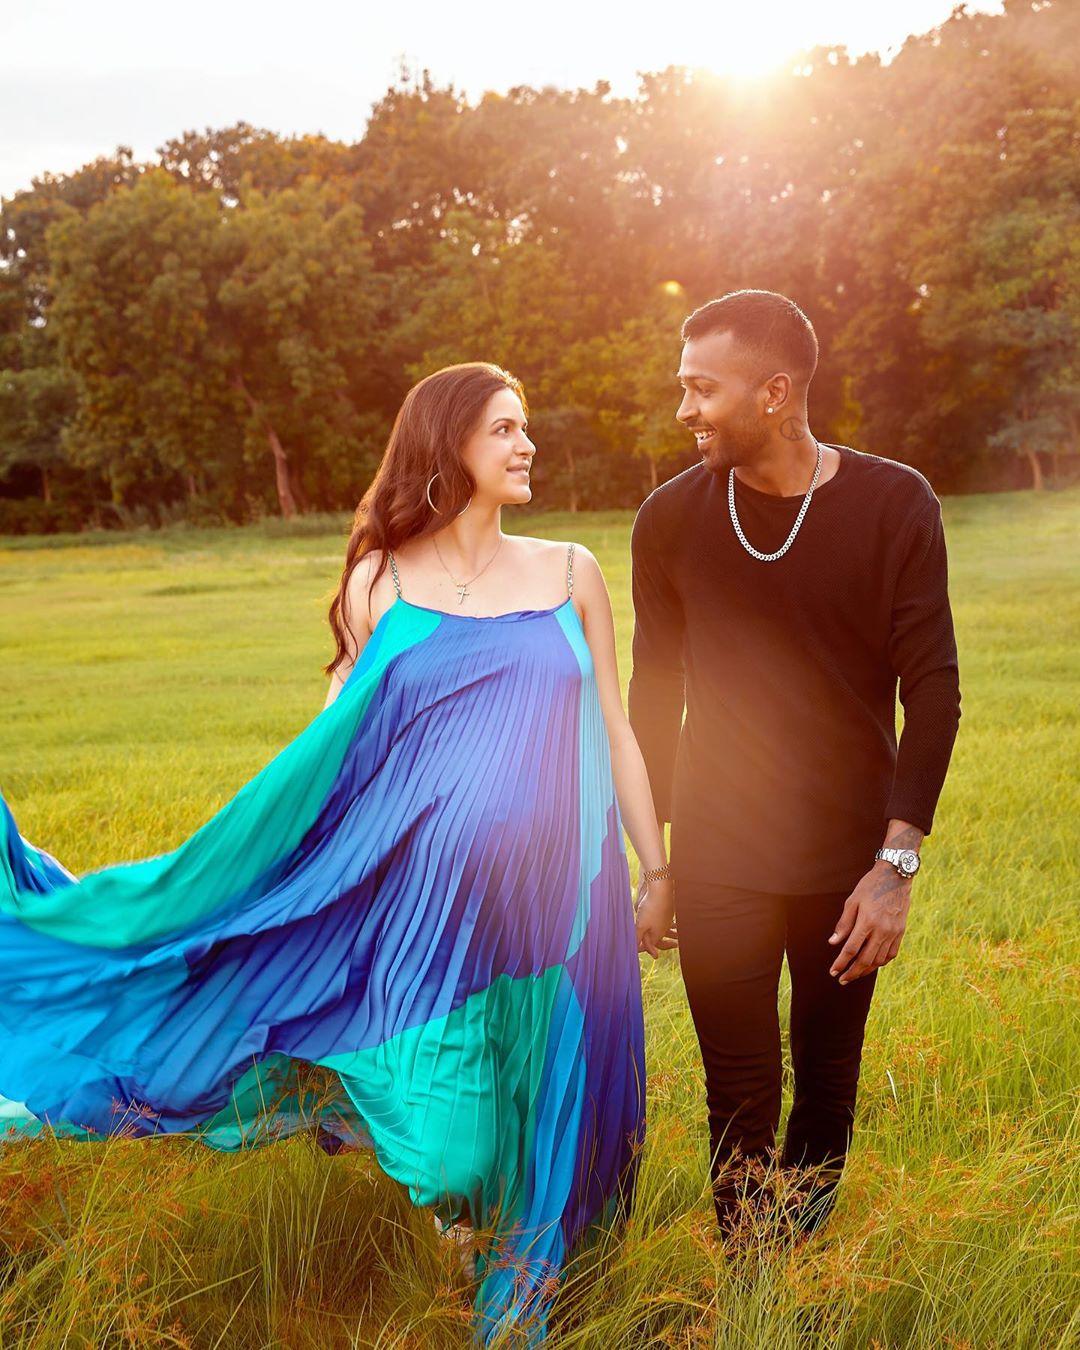 नताशा आणि हार्दिक यांनी केलेलं हे मॅटर्निटी फोटोशूट ज्यामध्ये नताशाने निळ्या रंगाचा ड्रेस घातला आहे. तिचा ड्रेस प्रत्येकाचं लक्ष वेधून घेत आहे.